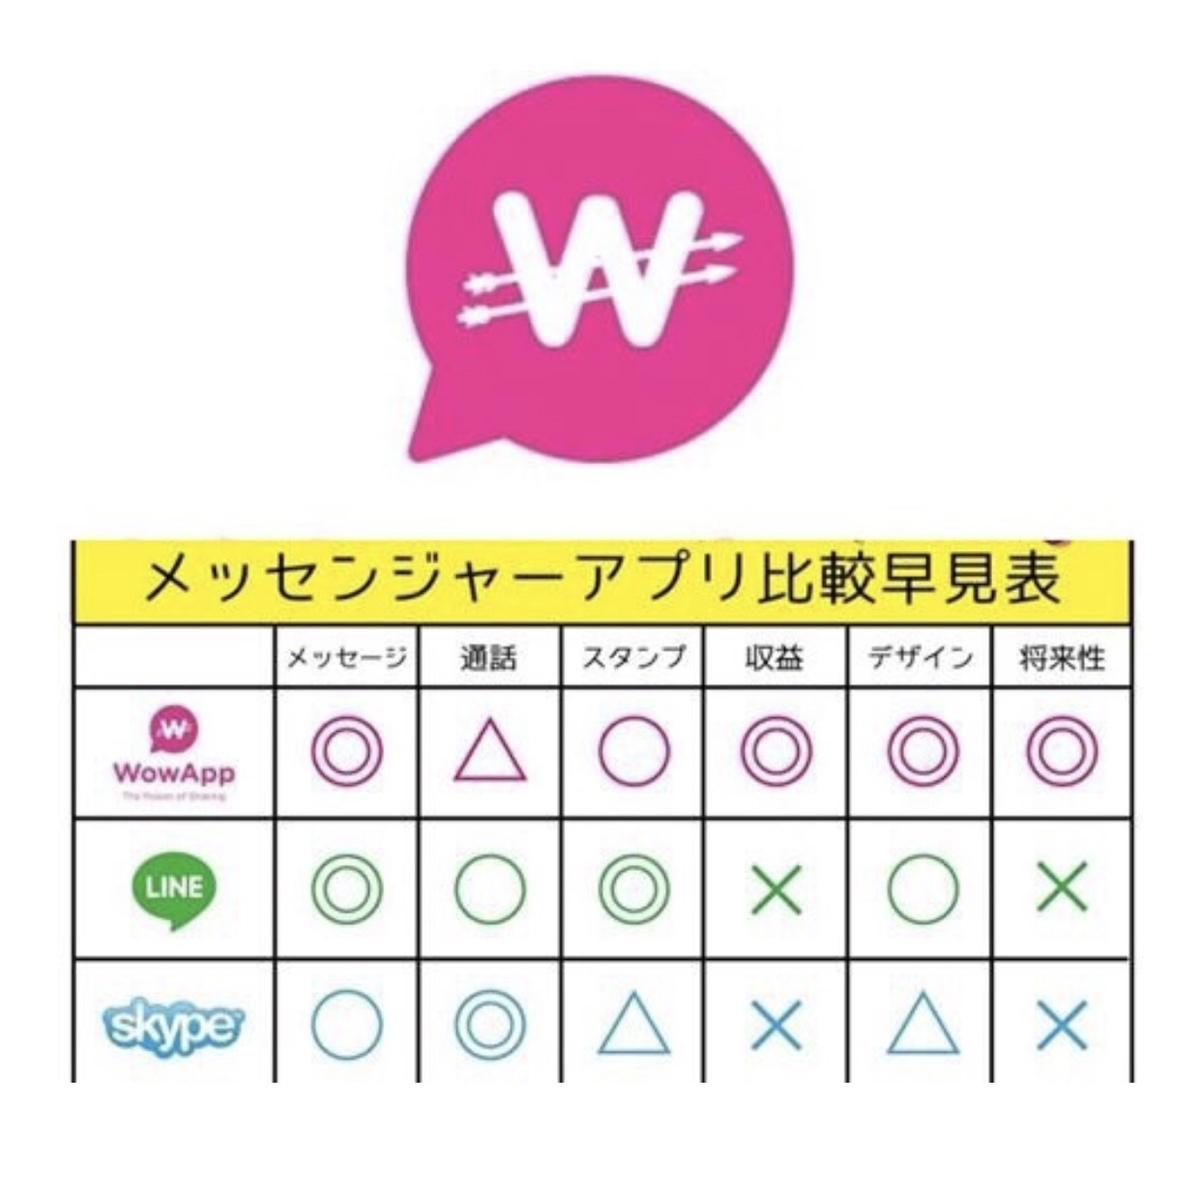 f:id:kaoruikeda:20200822123005j:plain